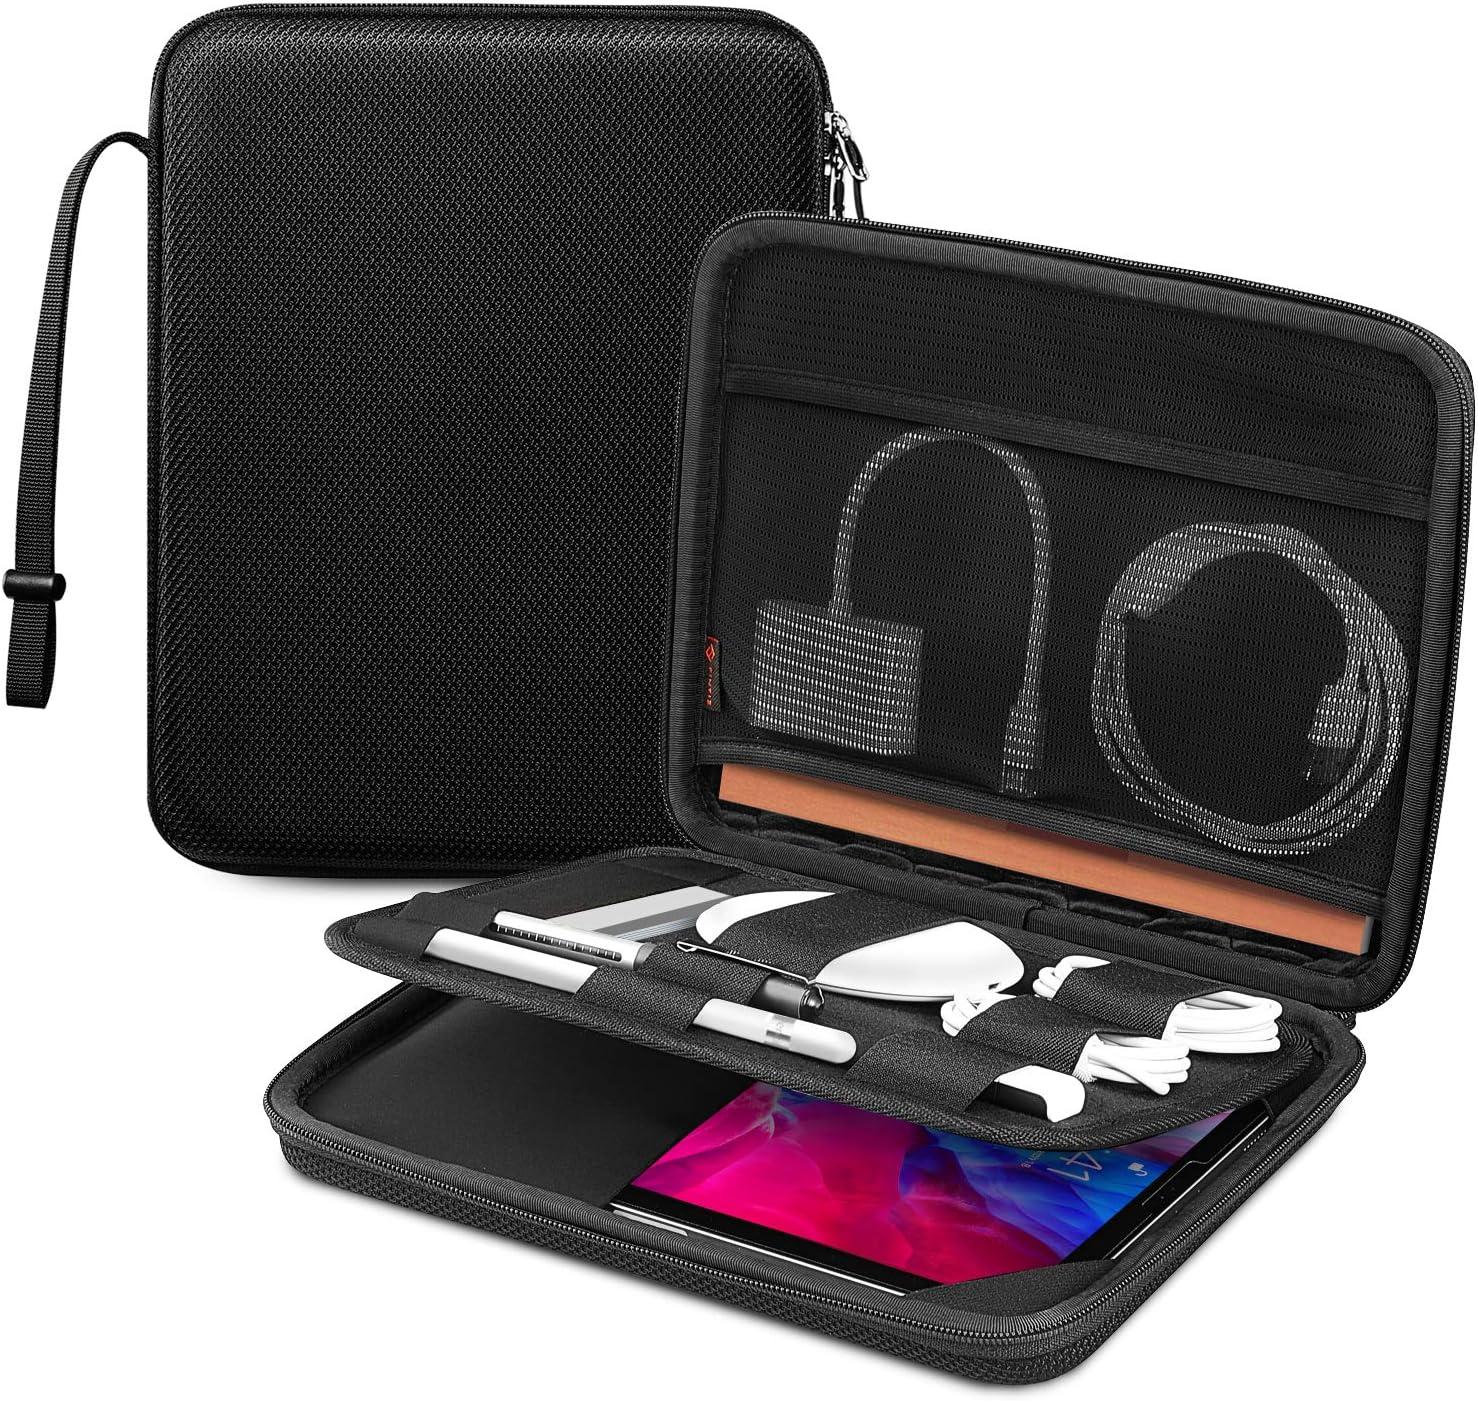 Finpac Portfolio Tasche Schutzhülle Für Ipad Pro 11 Computer Zubehör